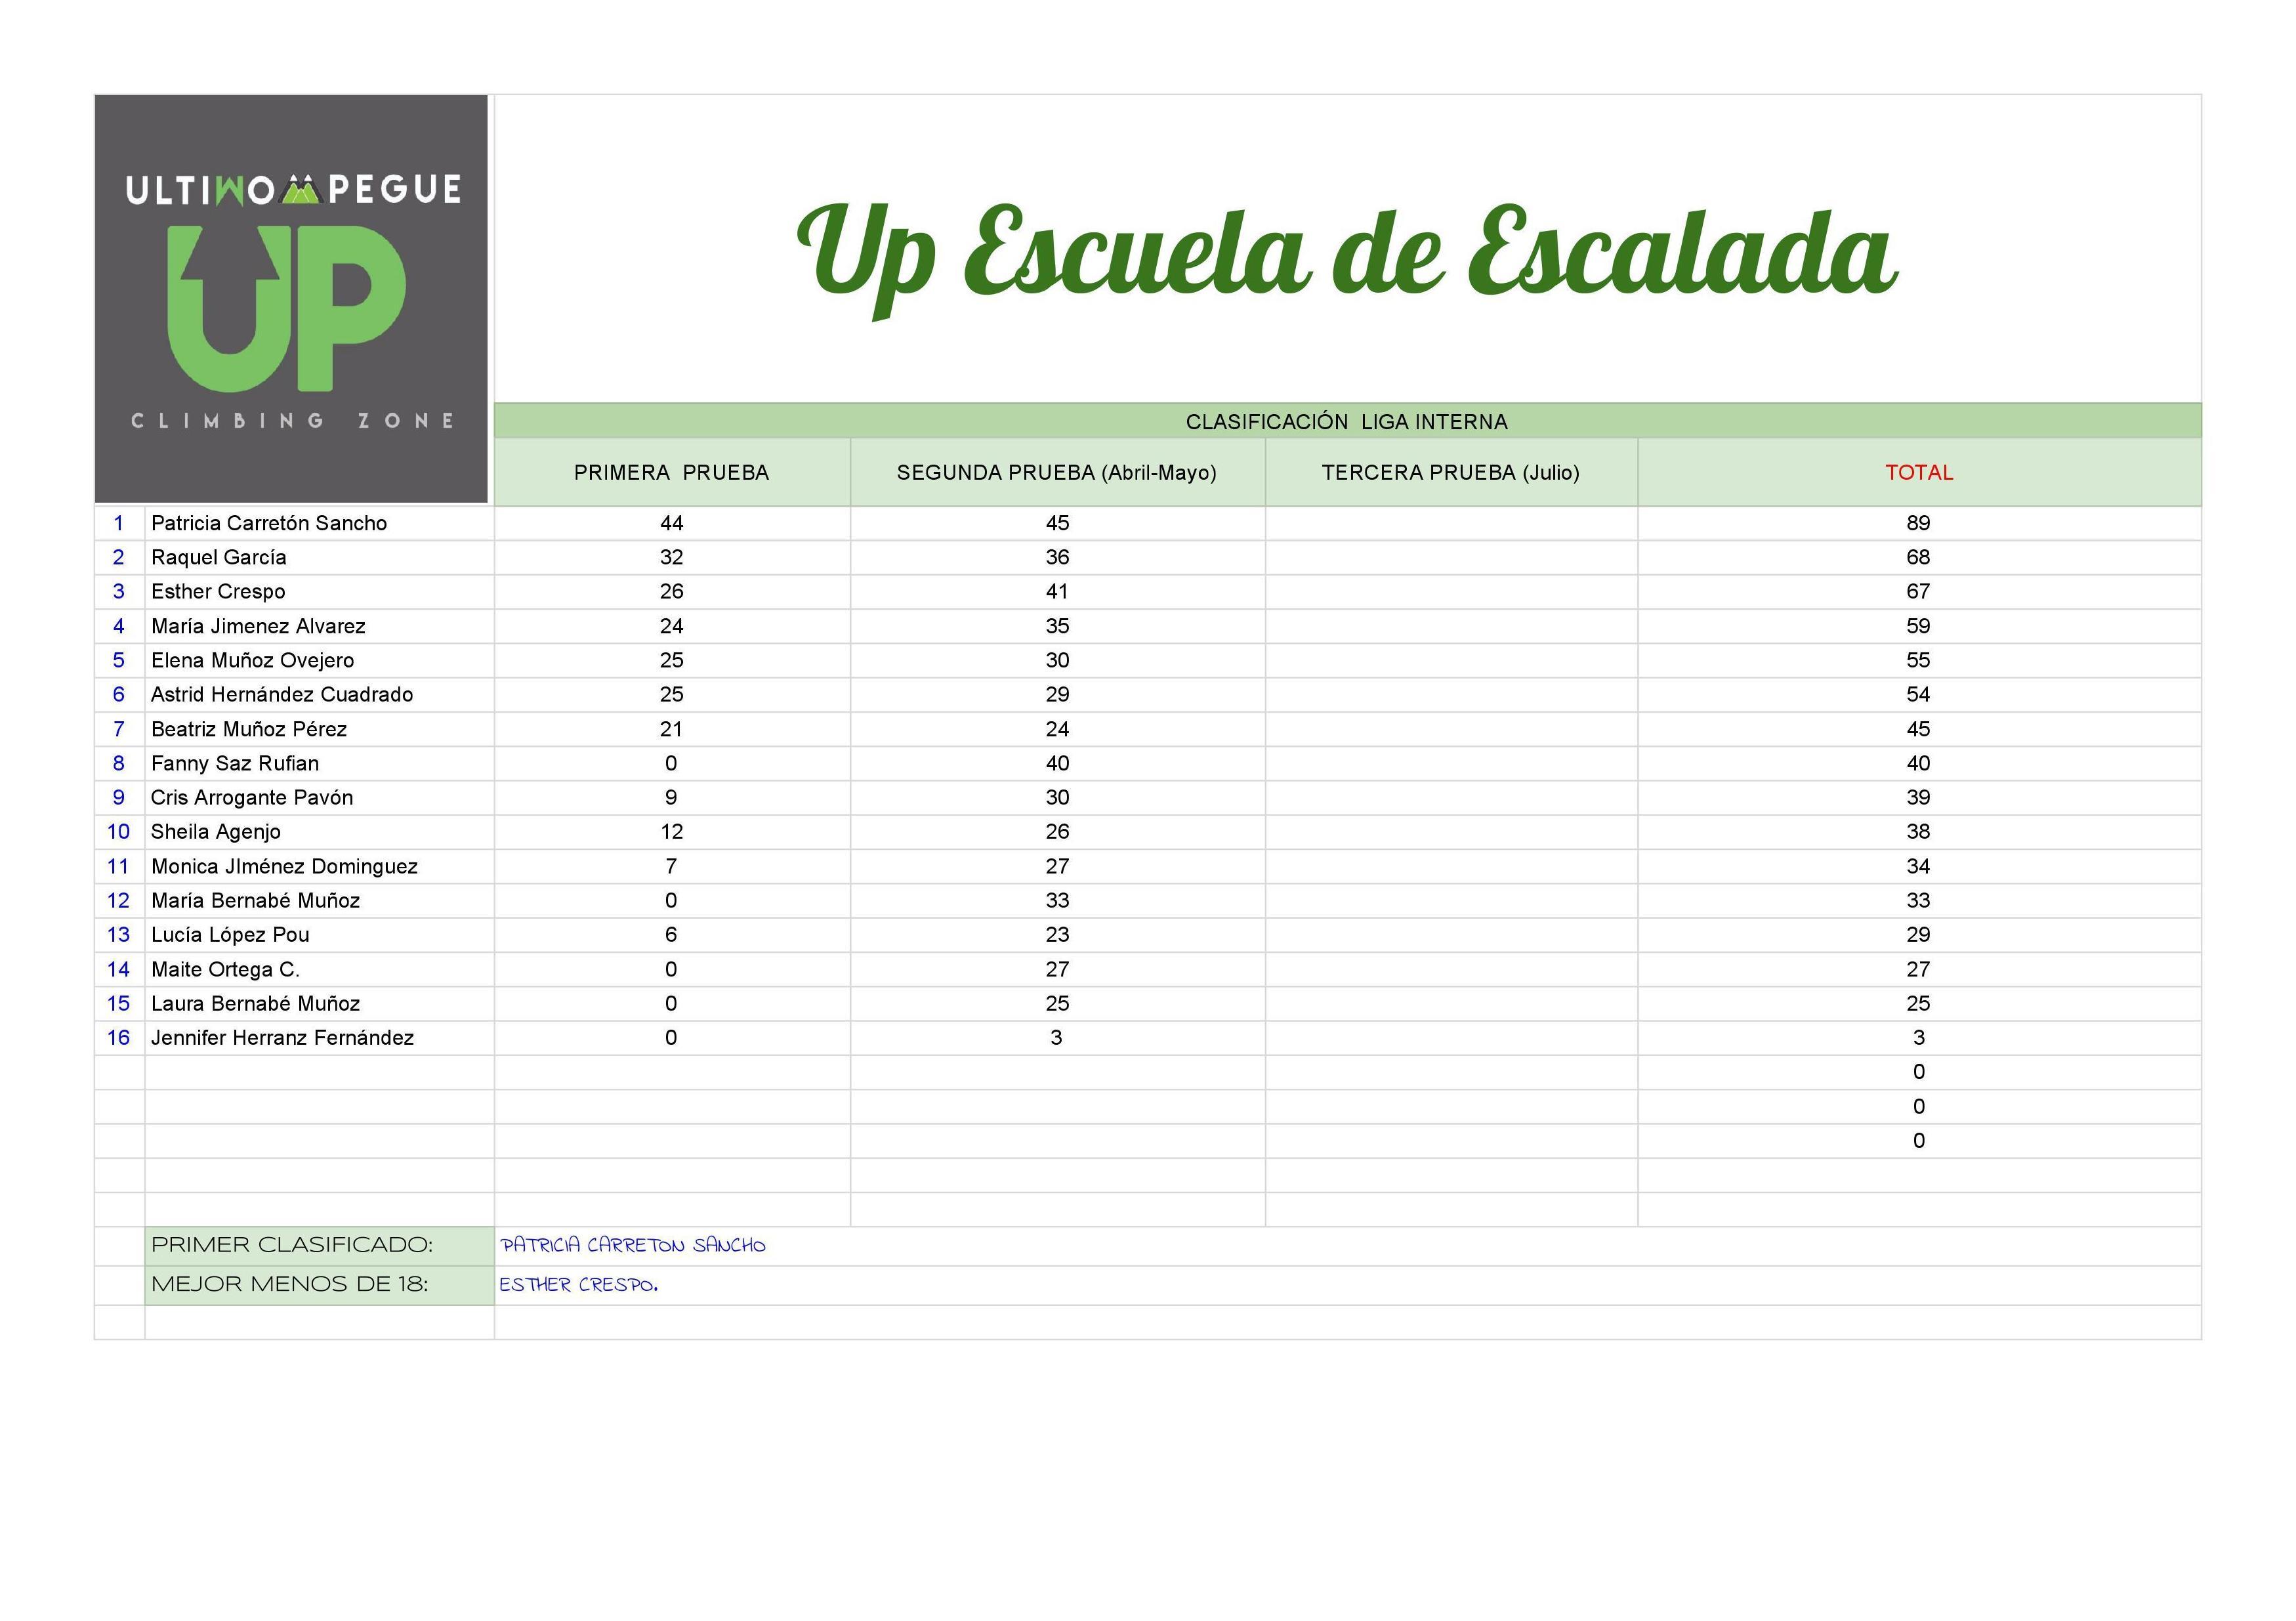 CLASIFICACIÓN DE LA LIGA INTERNA DE UP ESCUELA DE ESCALADA